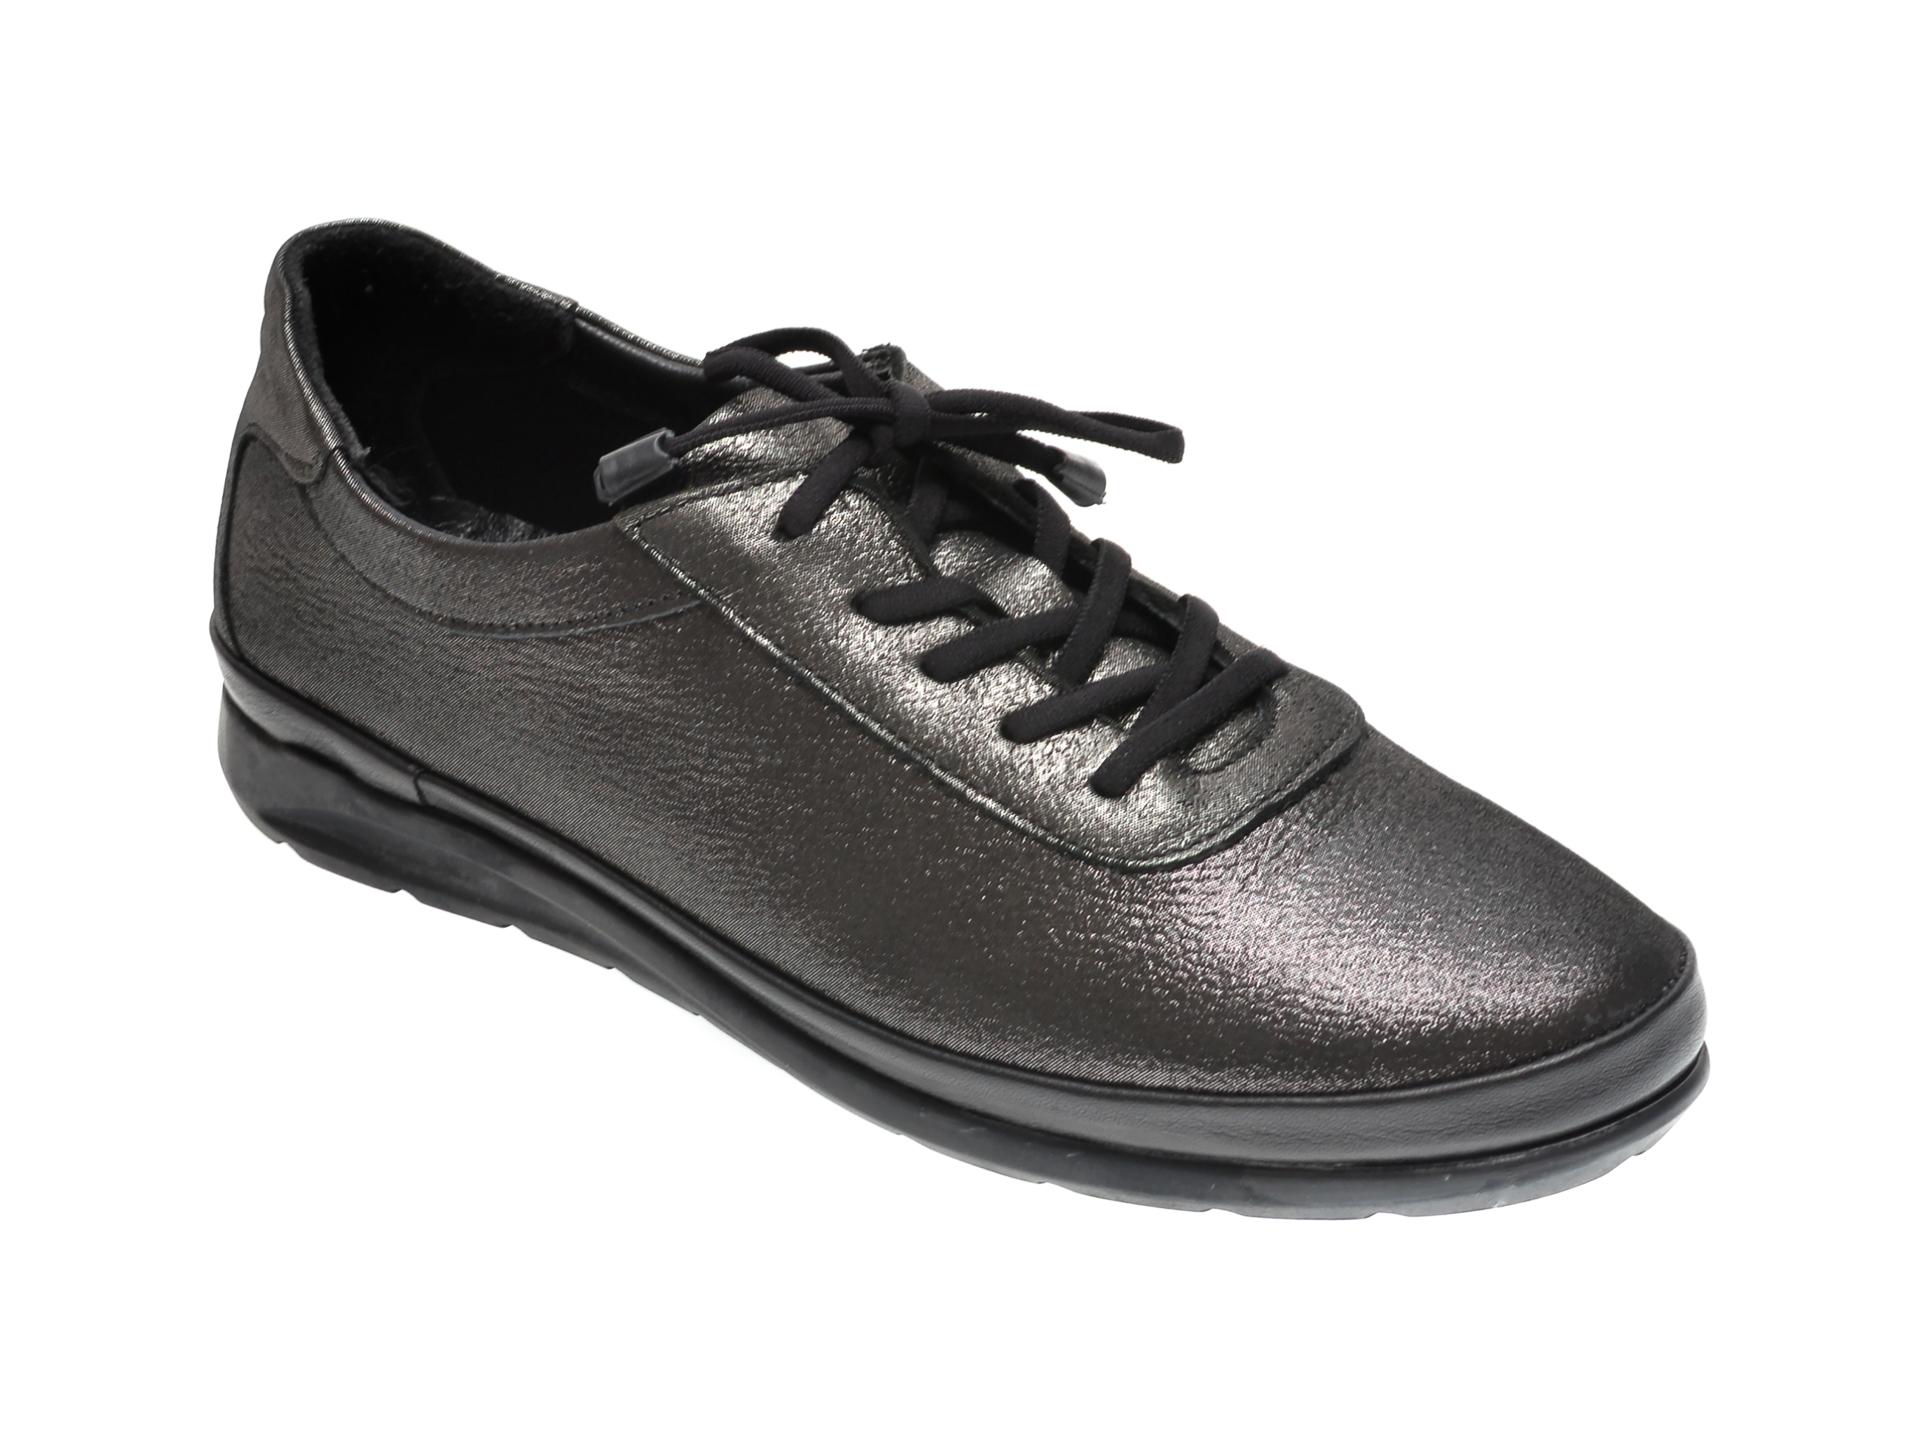 Pantofi ILOZ gri, 6354, din piele naturala imagine